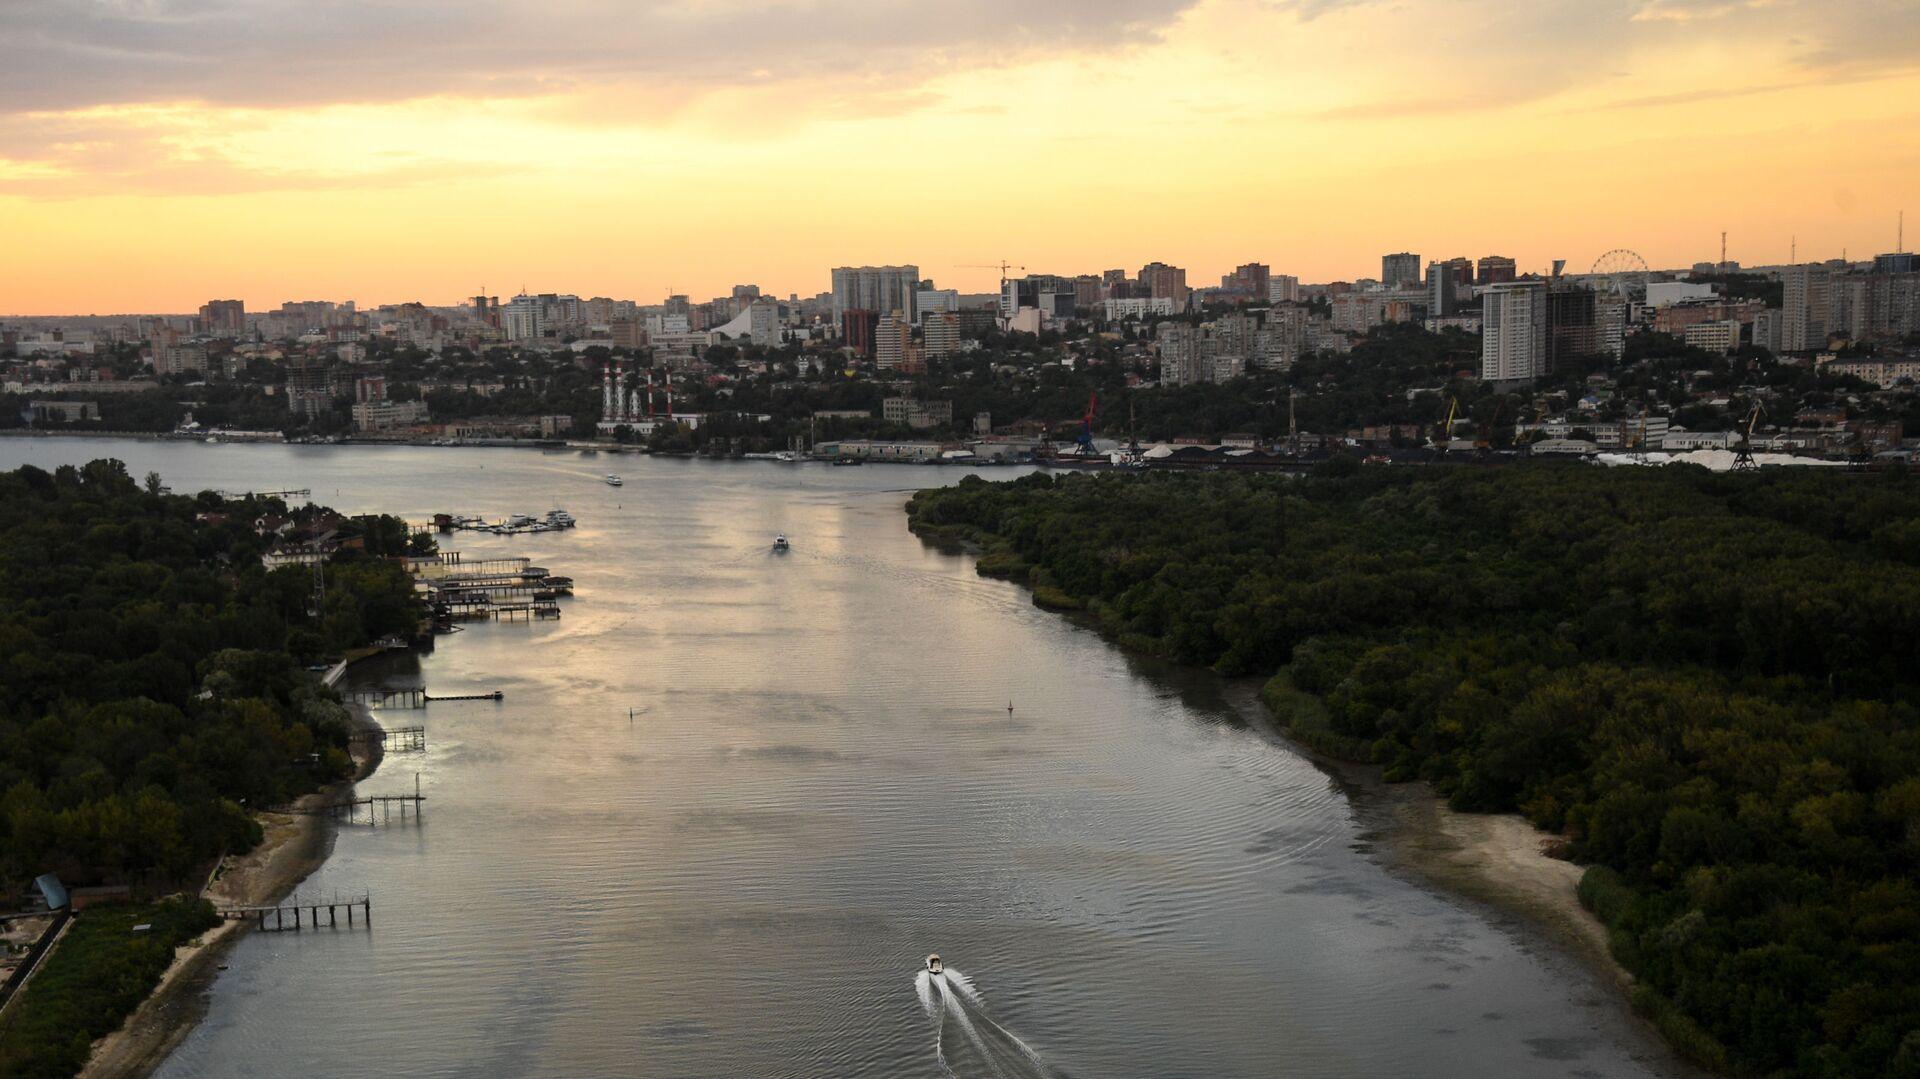 Rzeka Don w rejonie Rostowa, Rosja - Sputnik Polska, 1920, 06.07.2021